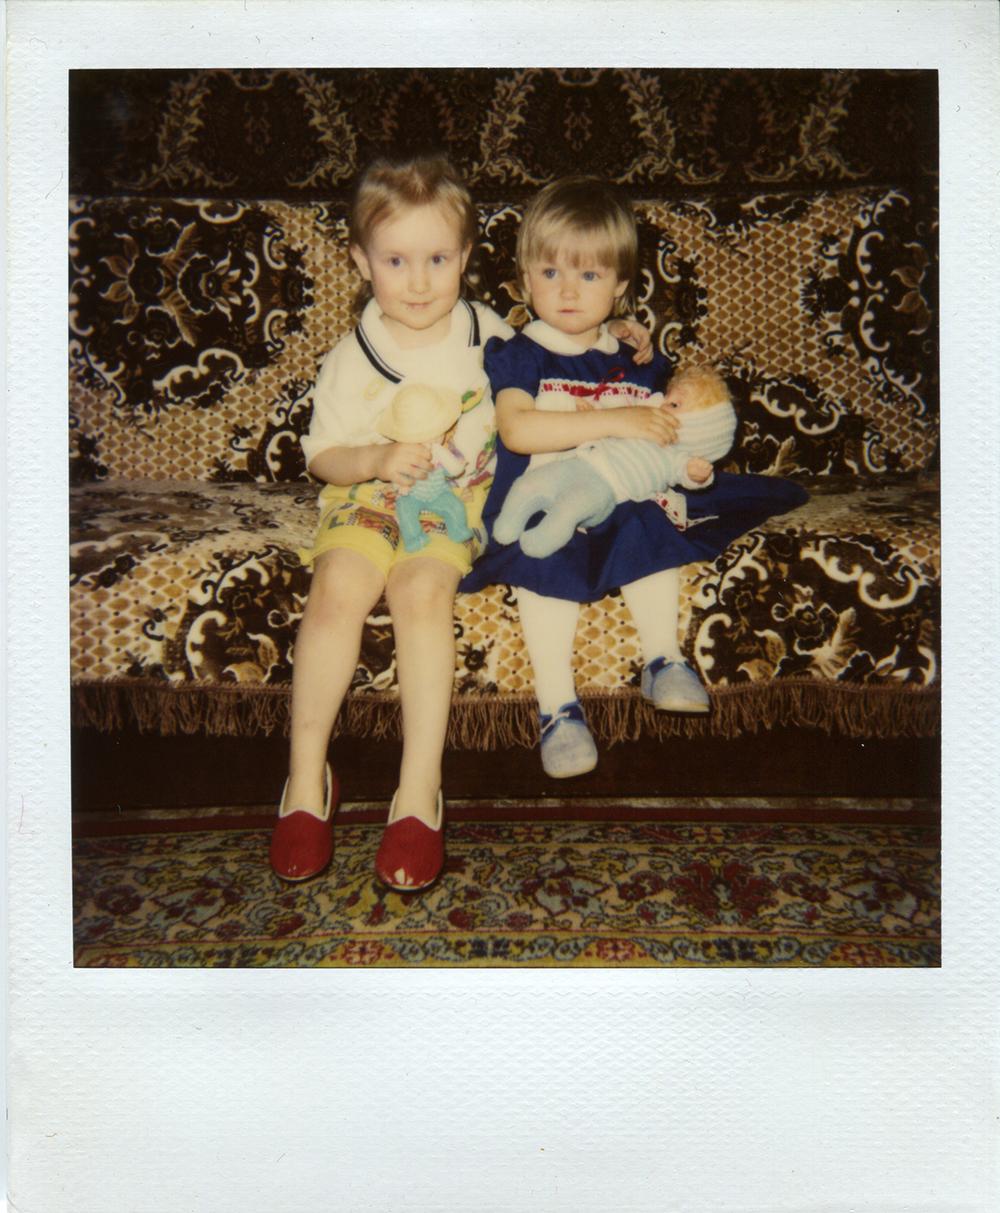 Polaroid_1993_Polina_Shubkina-023 copy.jpg